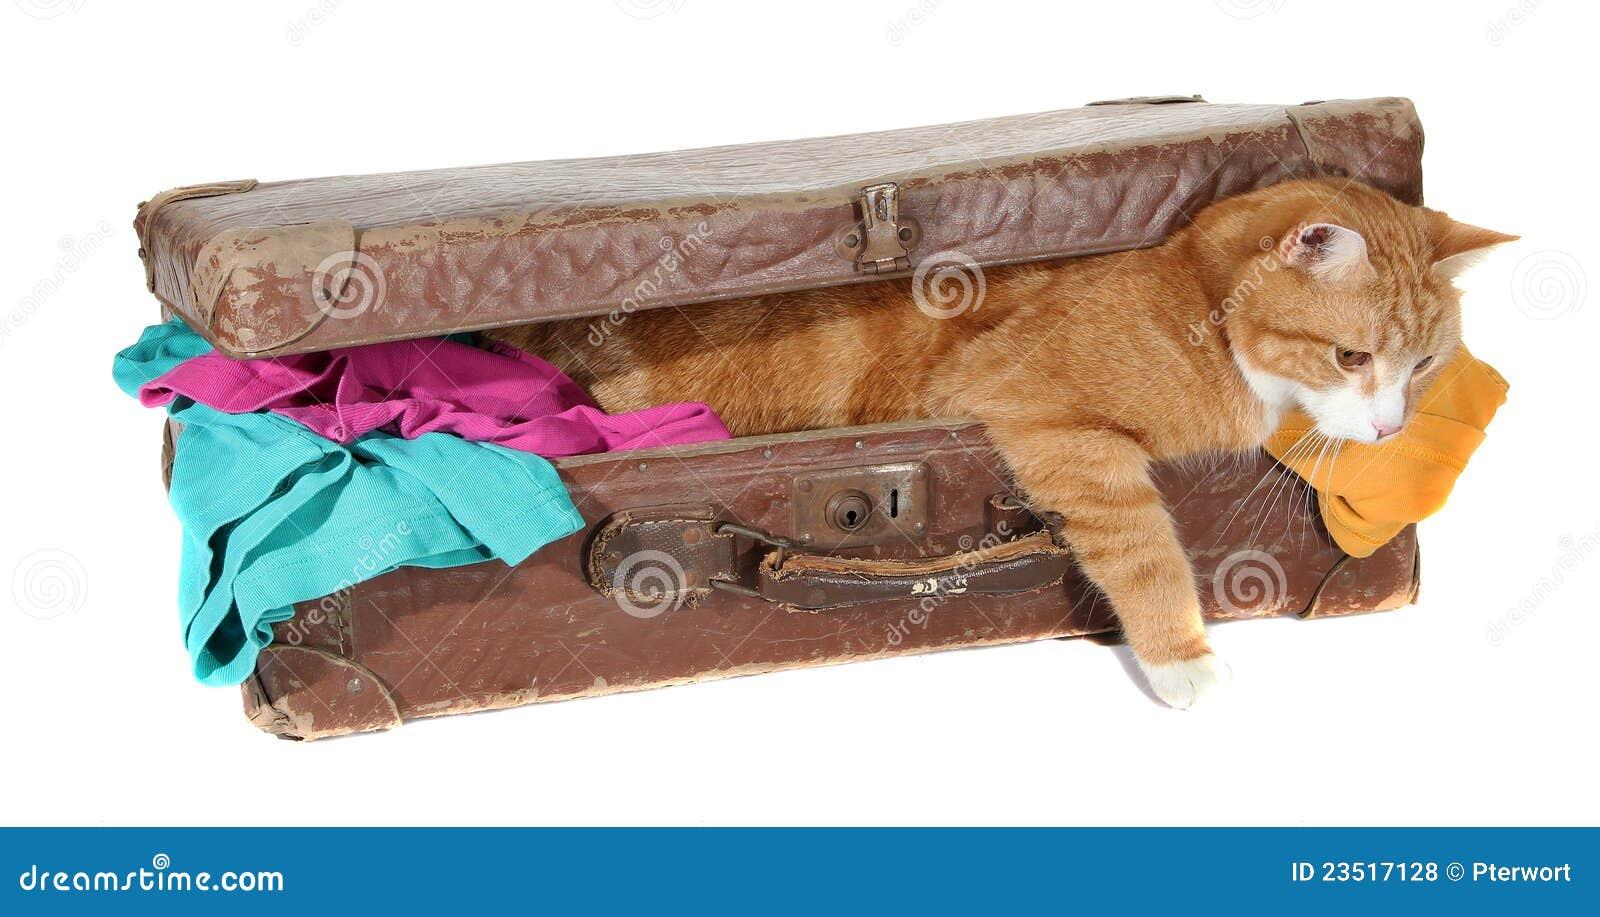 Tomcat Snoopy dans la vieille valise avec des vêtements